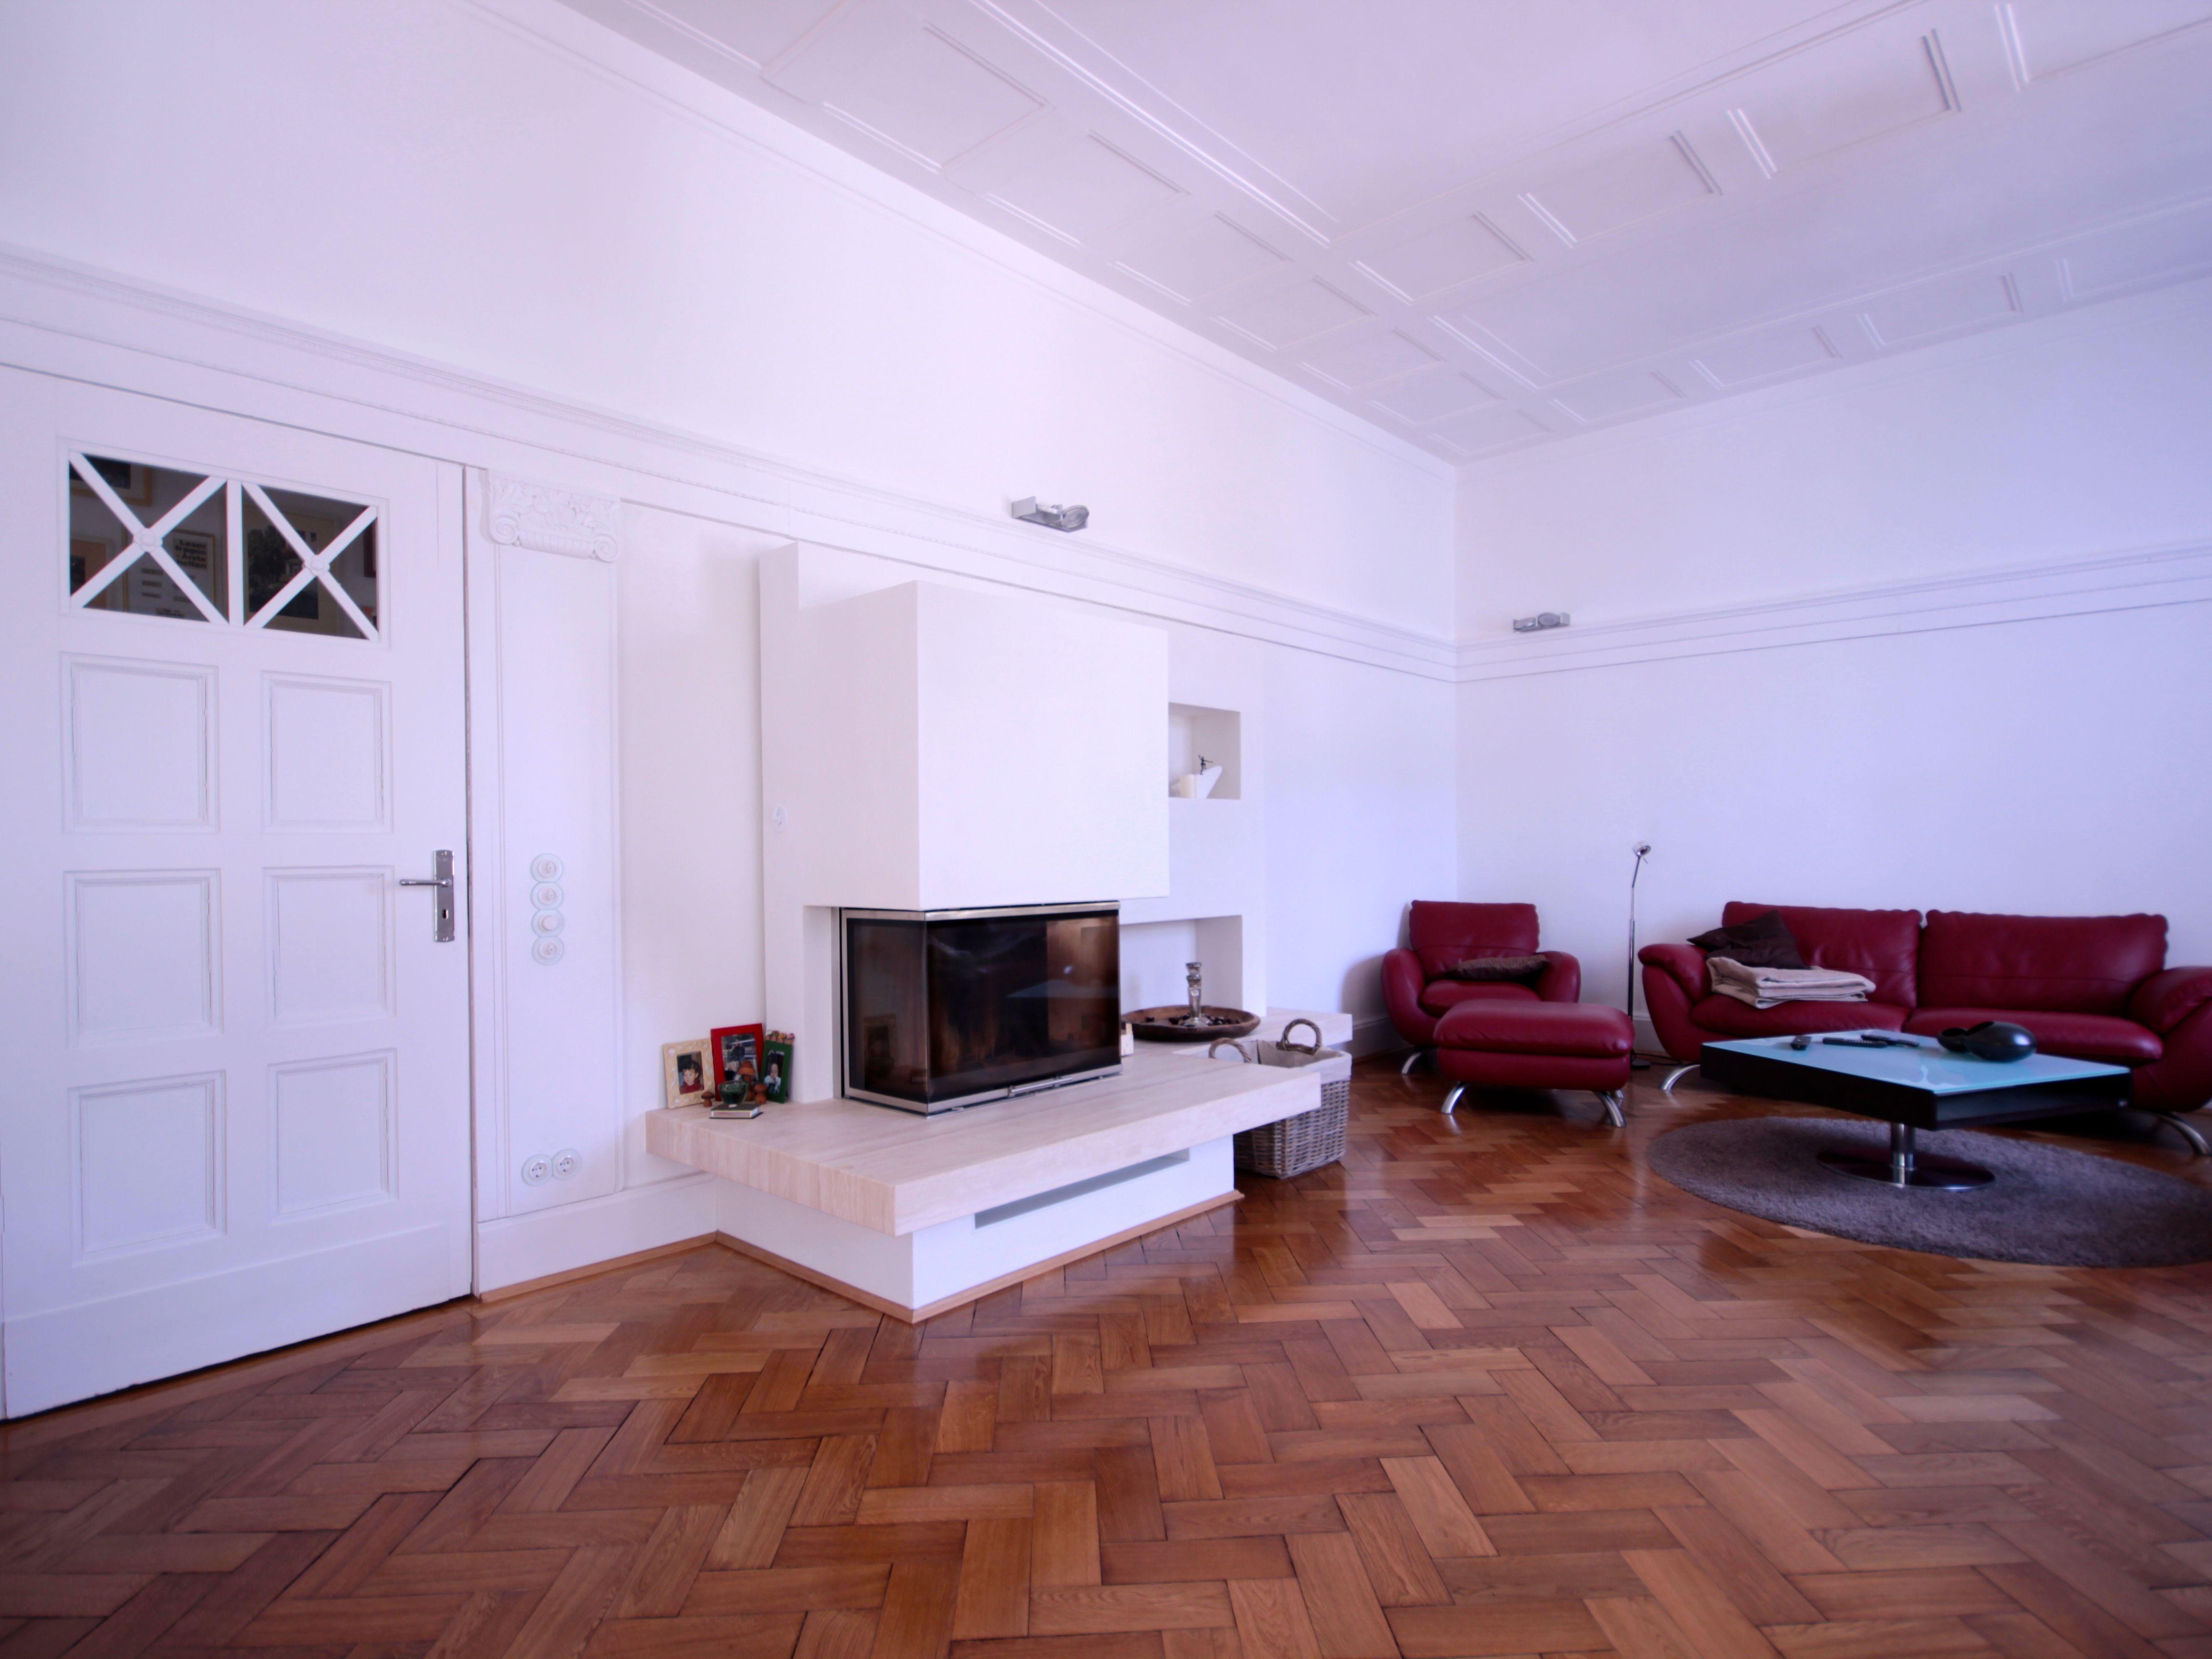 Eichen stabparkett in fischgr t muster im wohnzimmer for Muster wohnzimmer